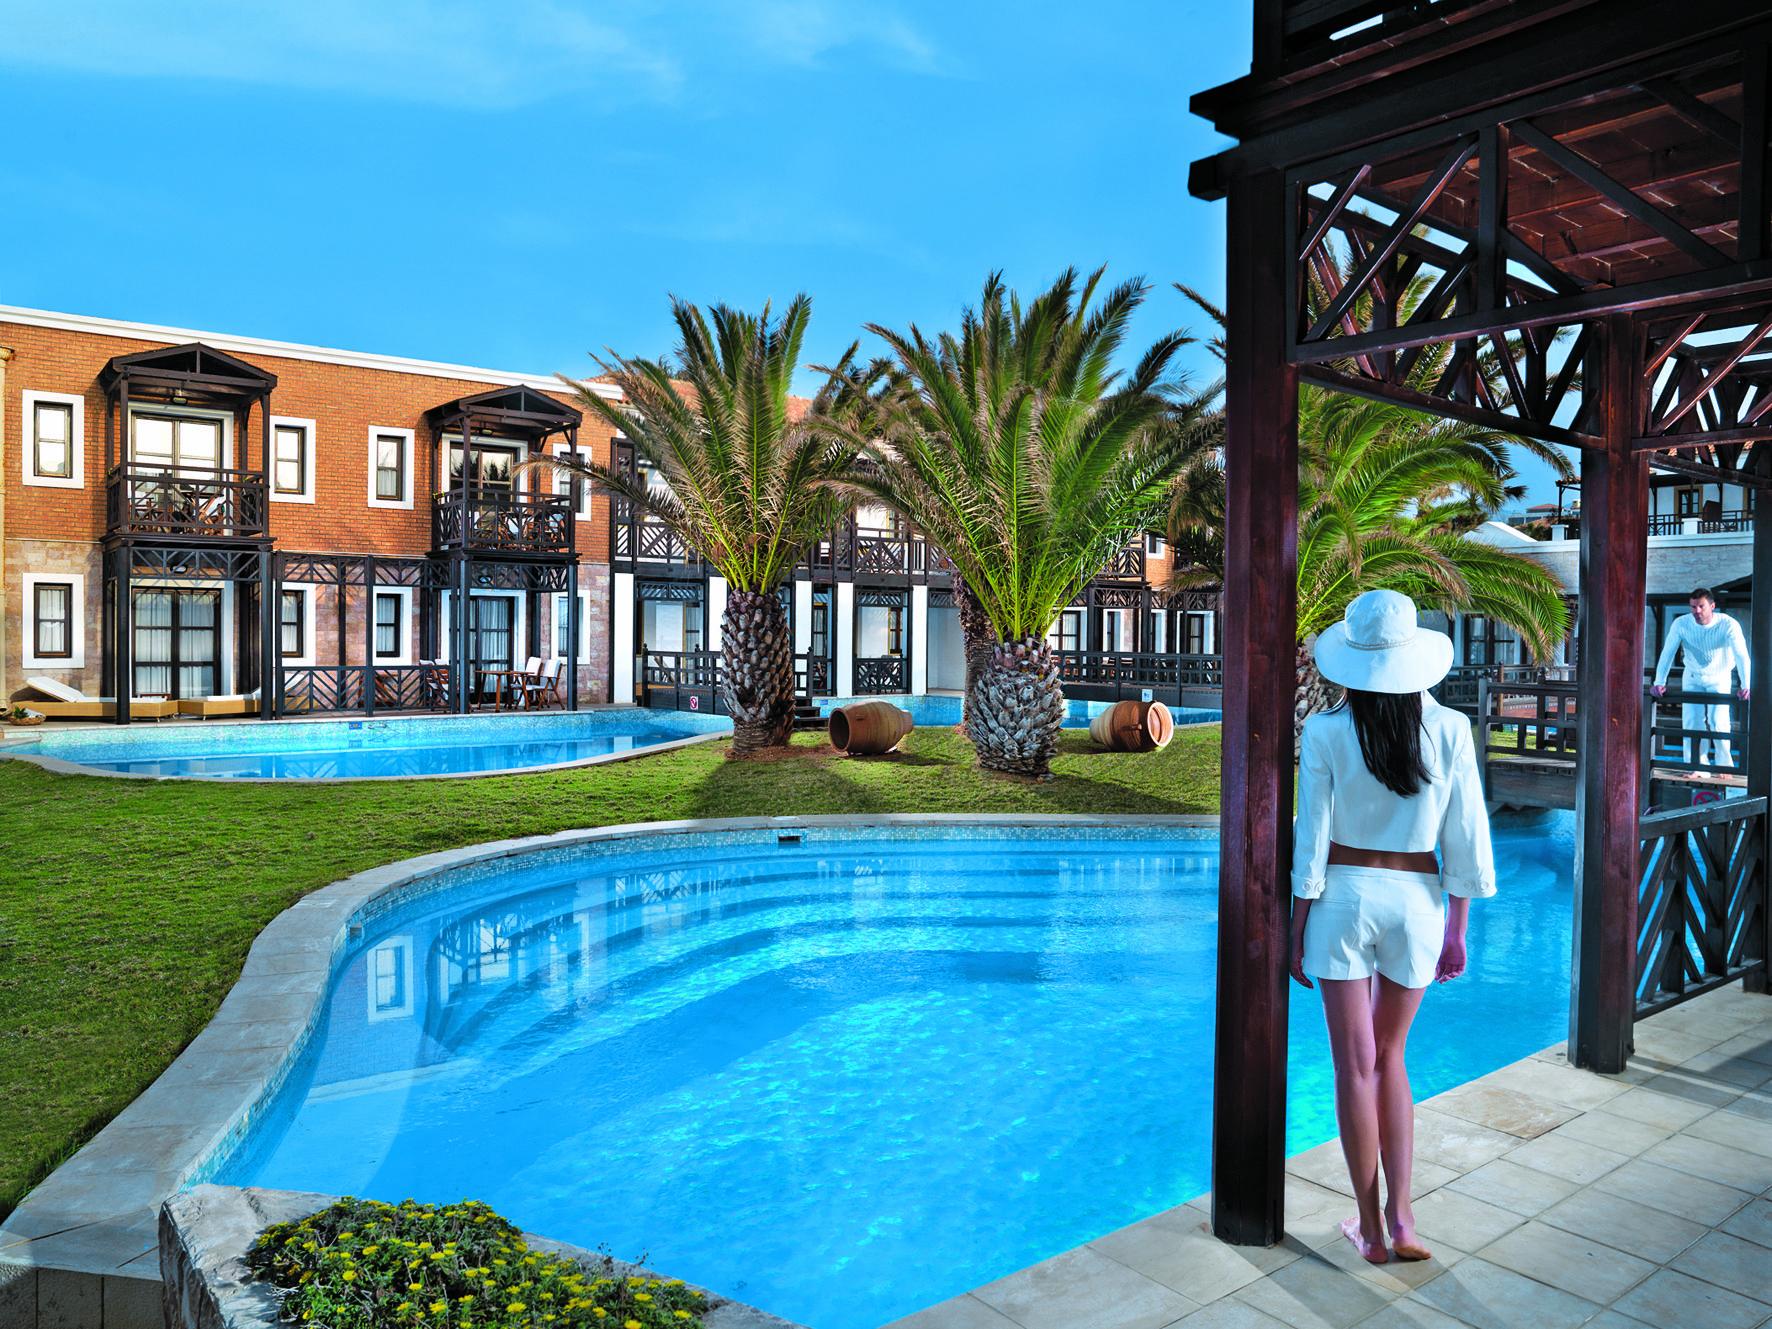 греция отель альдемар роял маре фото что они только